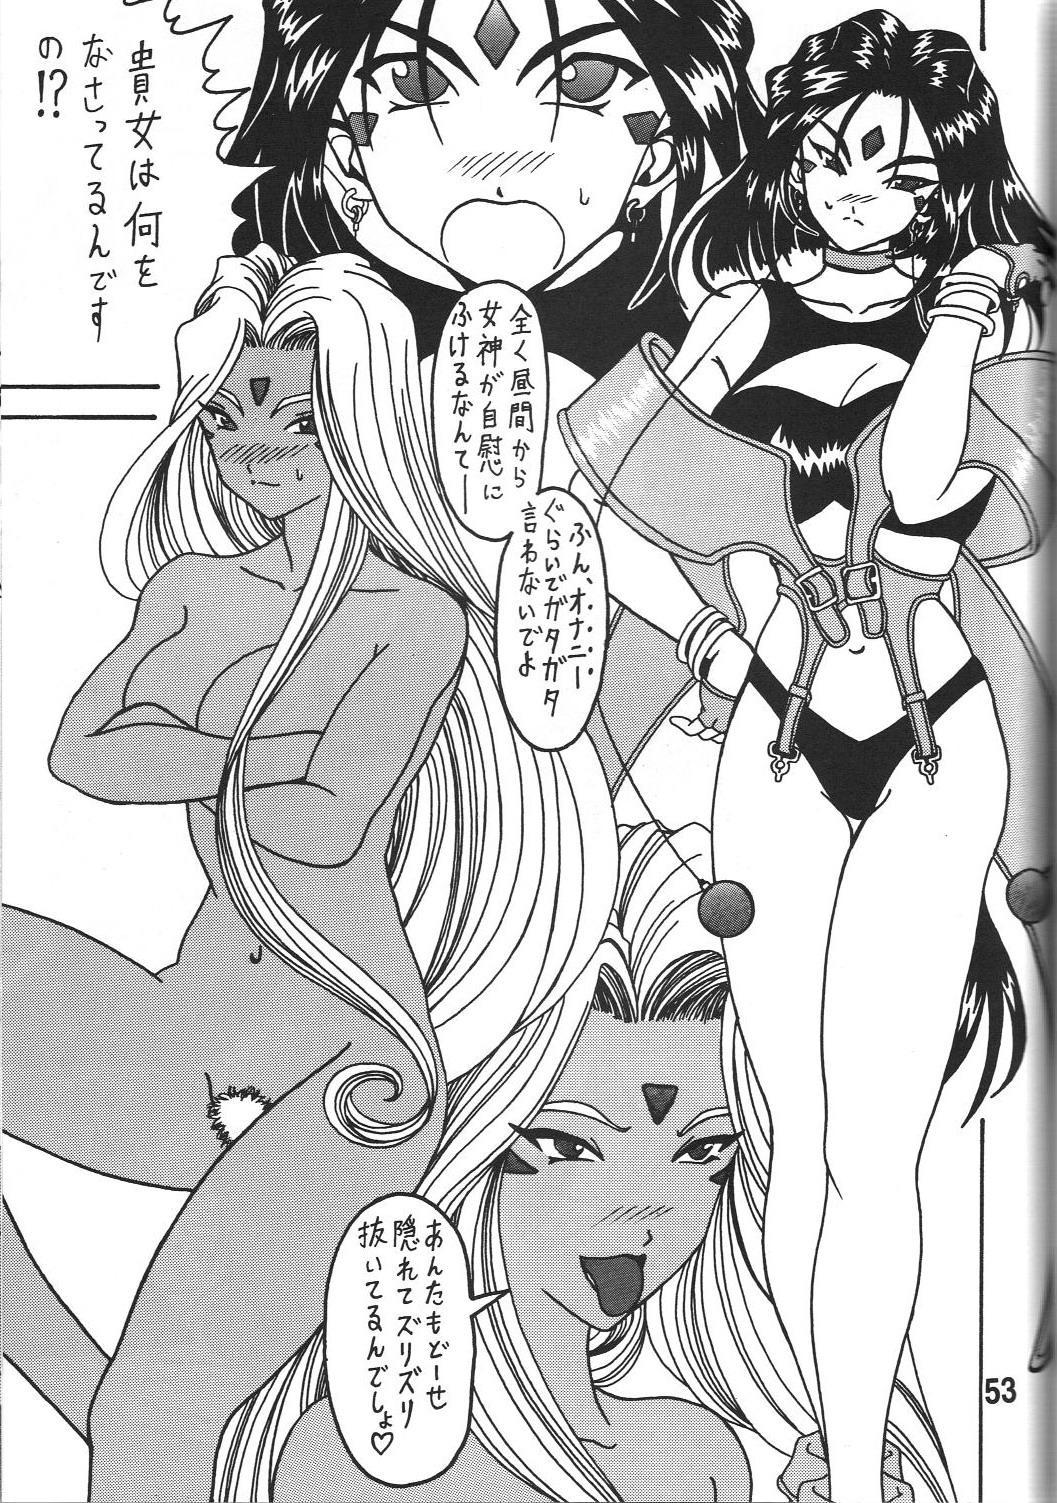 Megami no yuri kago 52